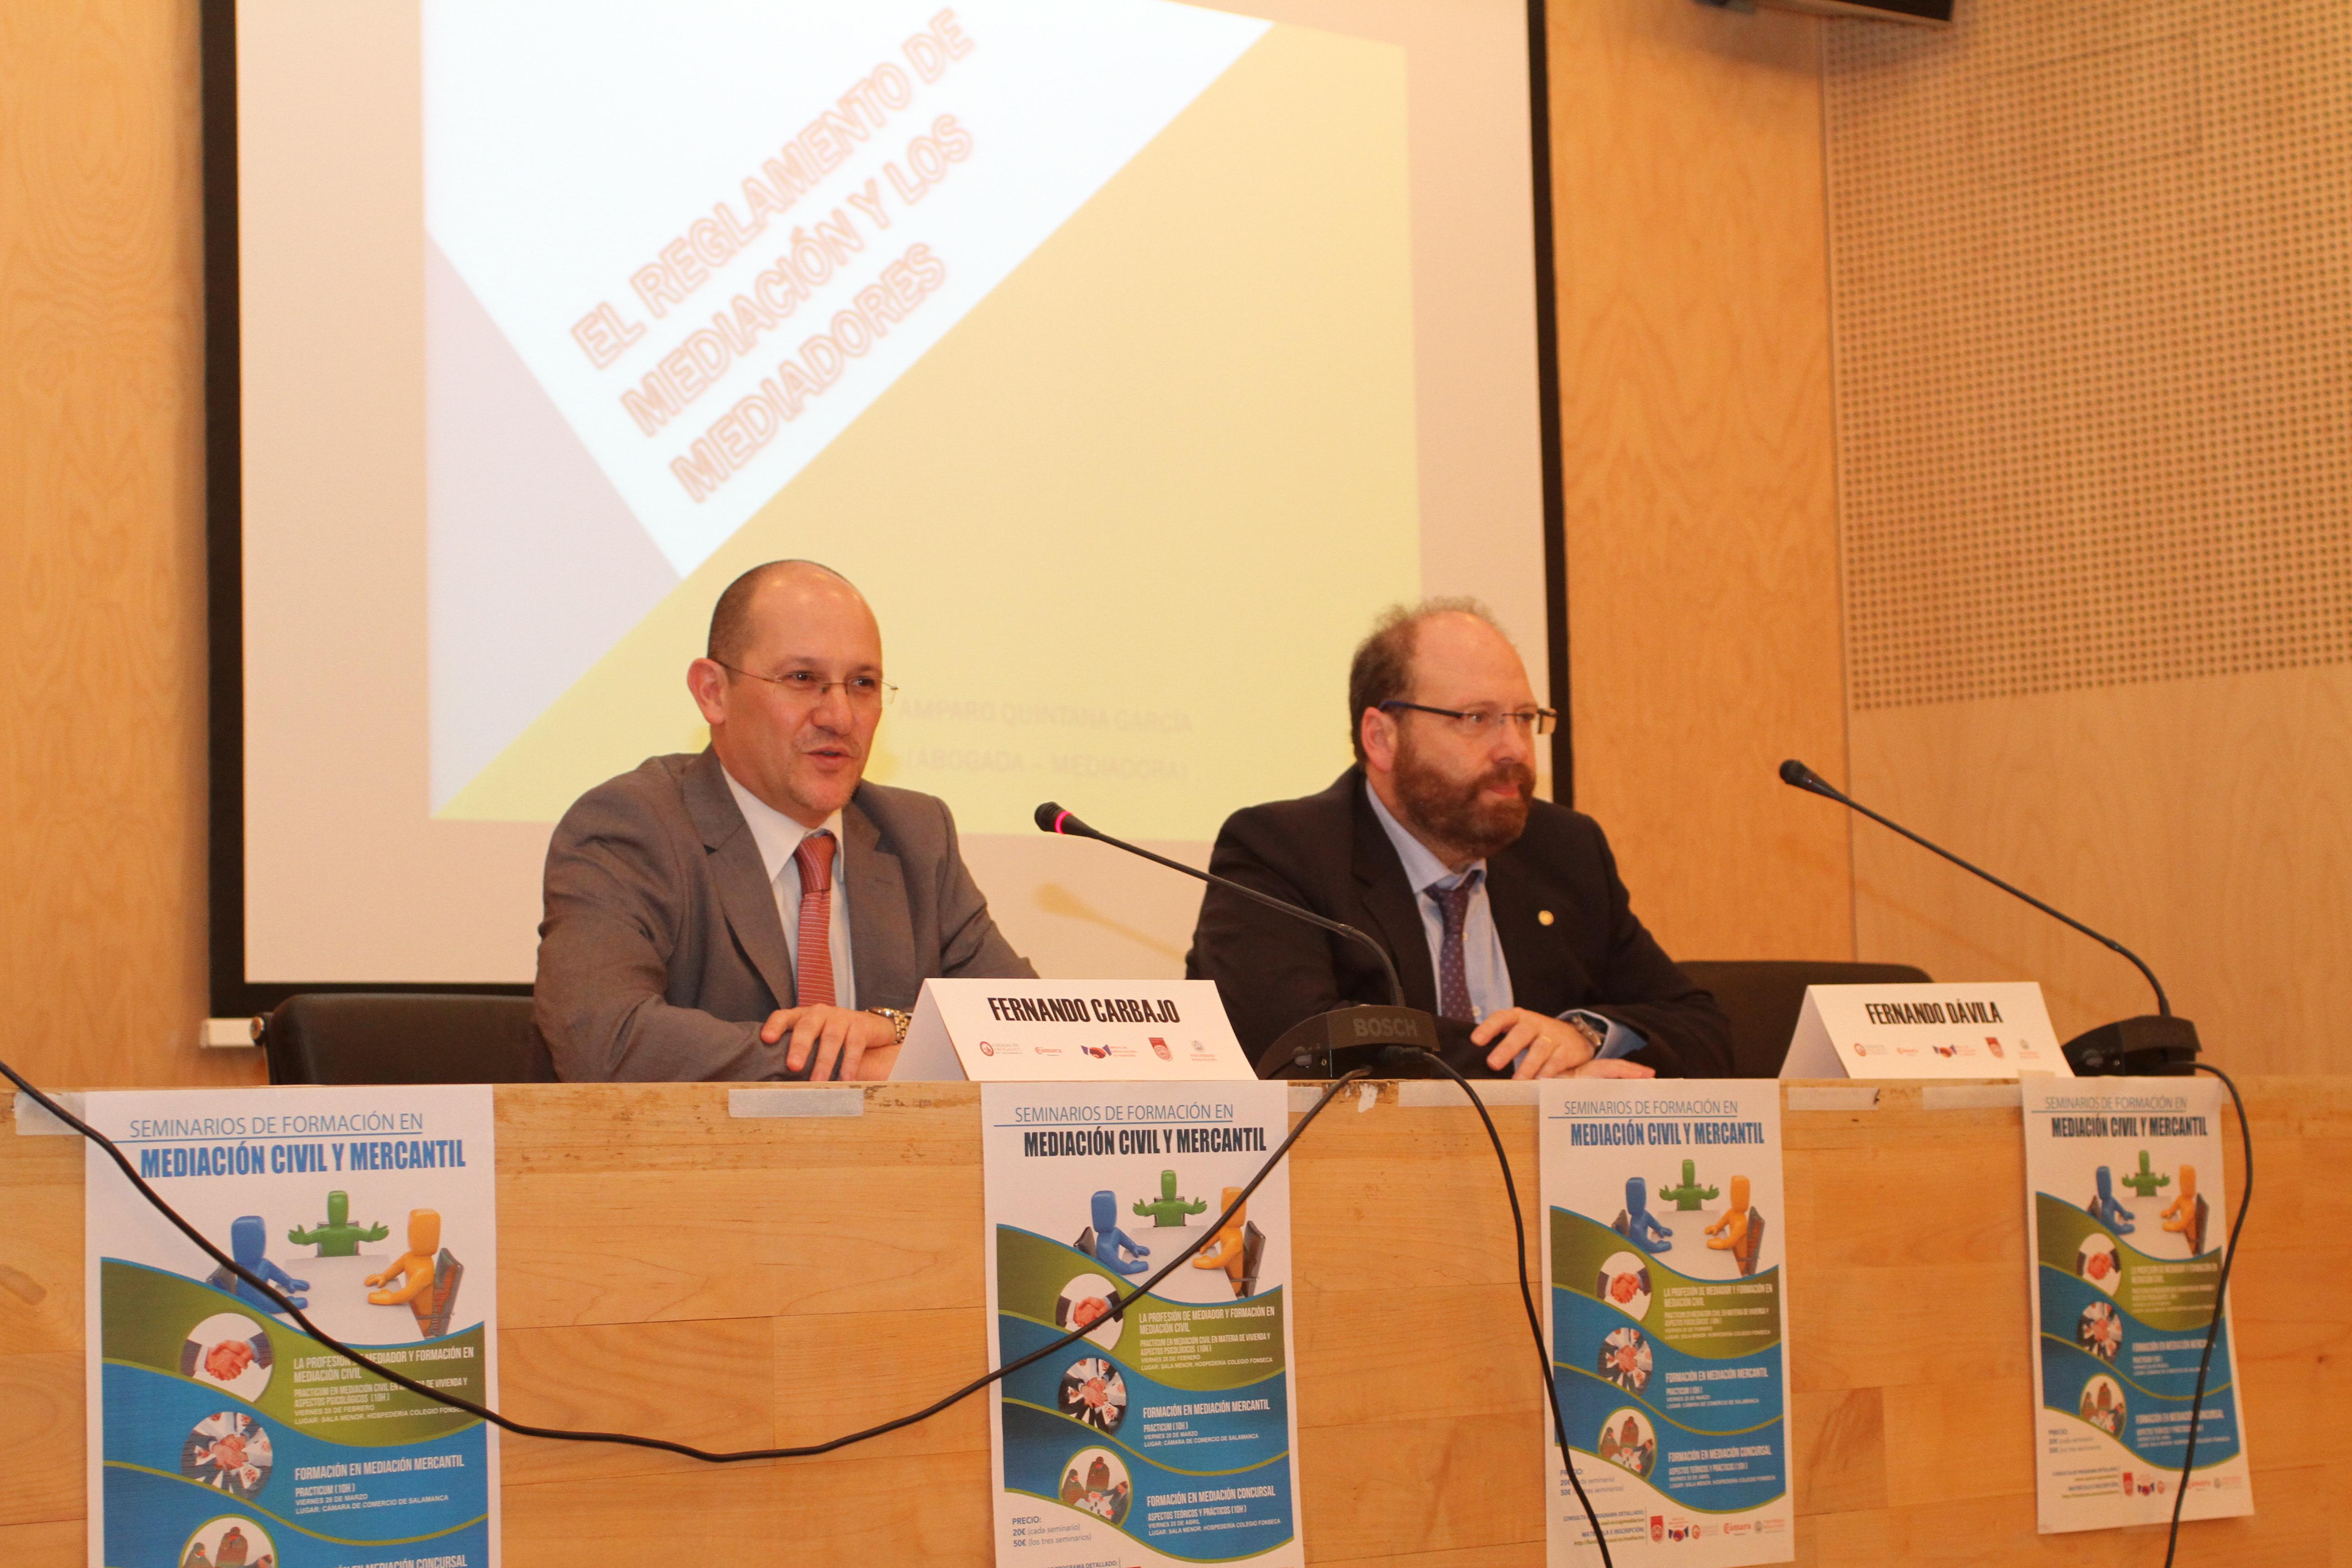 La Fundación General aborda la figura del mediador civil y mercantil